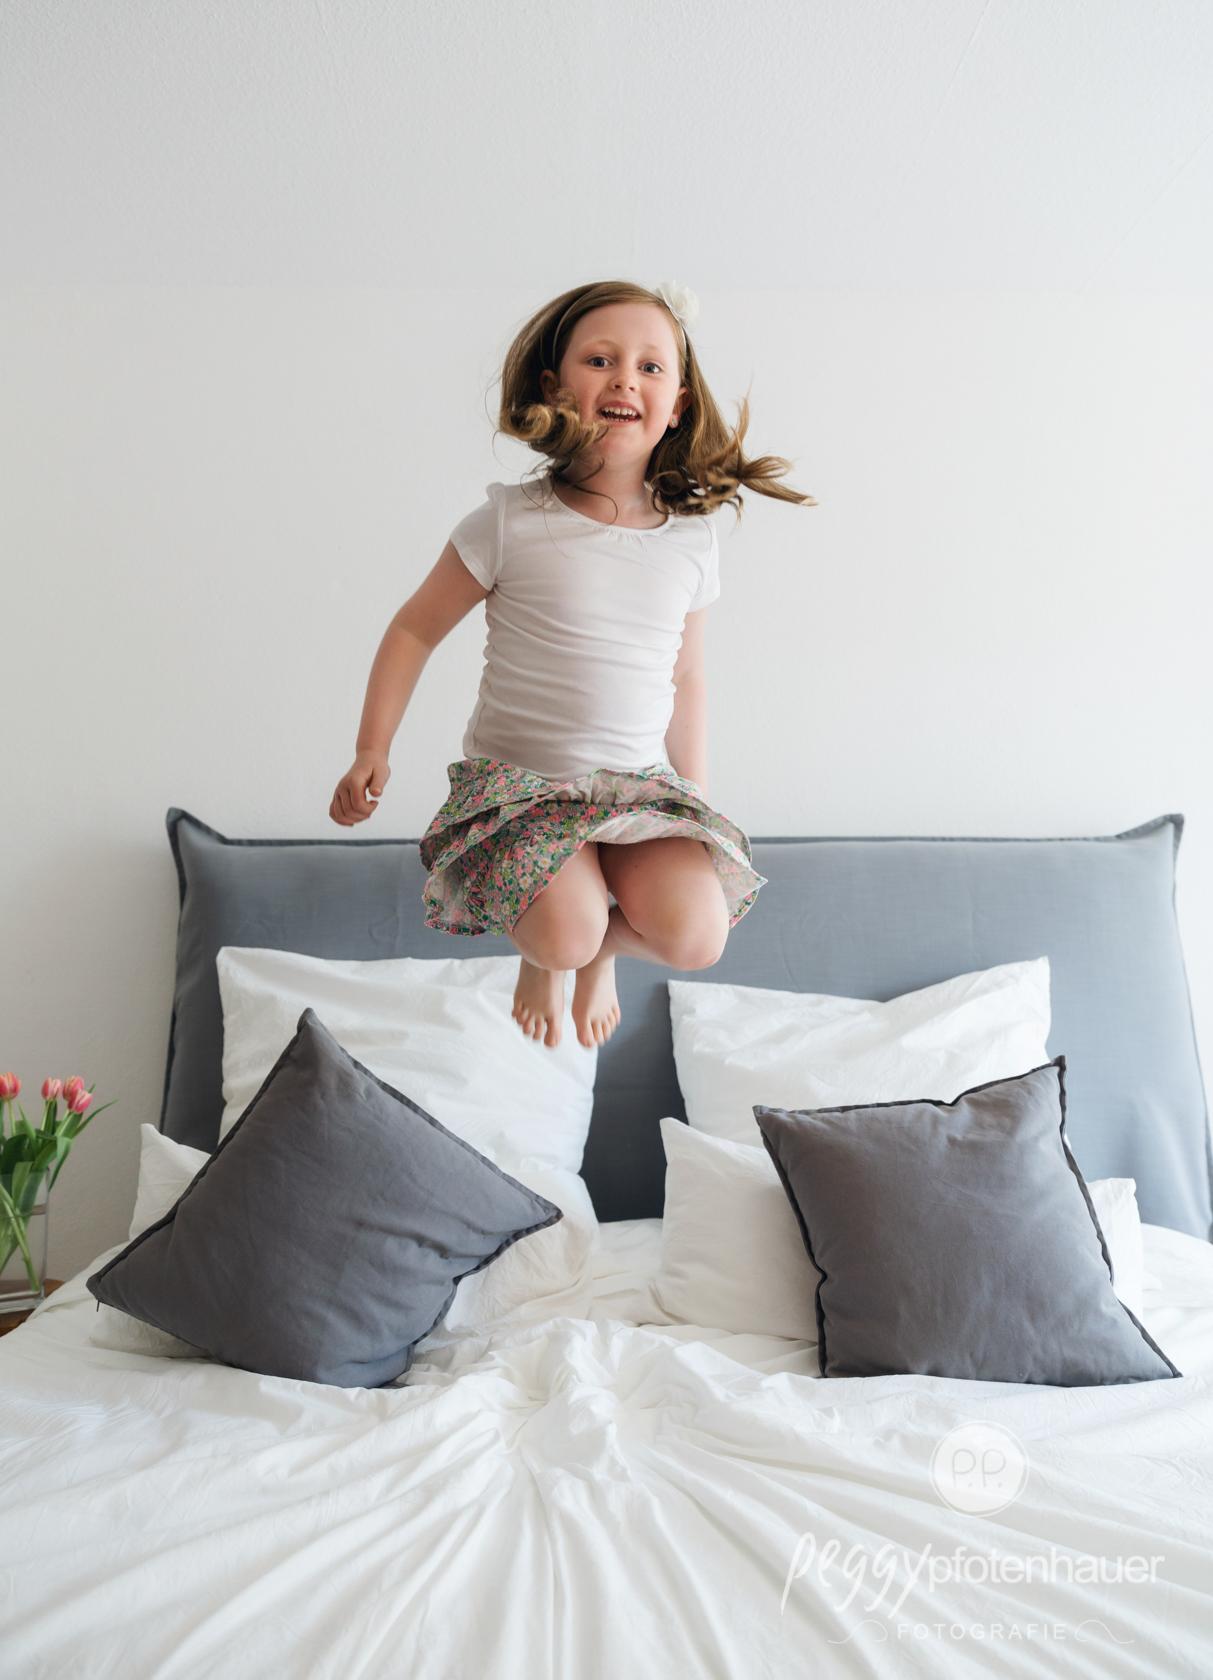 Kinderbilder Peggy Pfotenhauer Fotografie